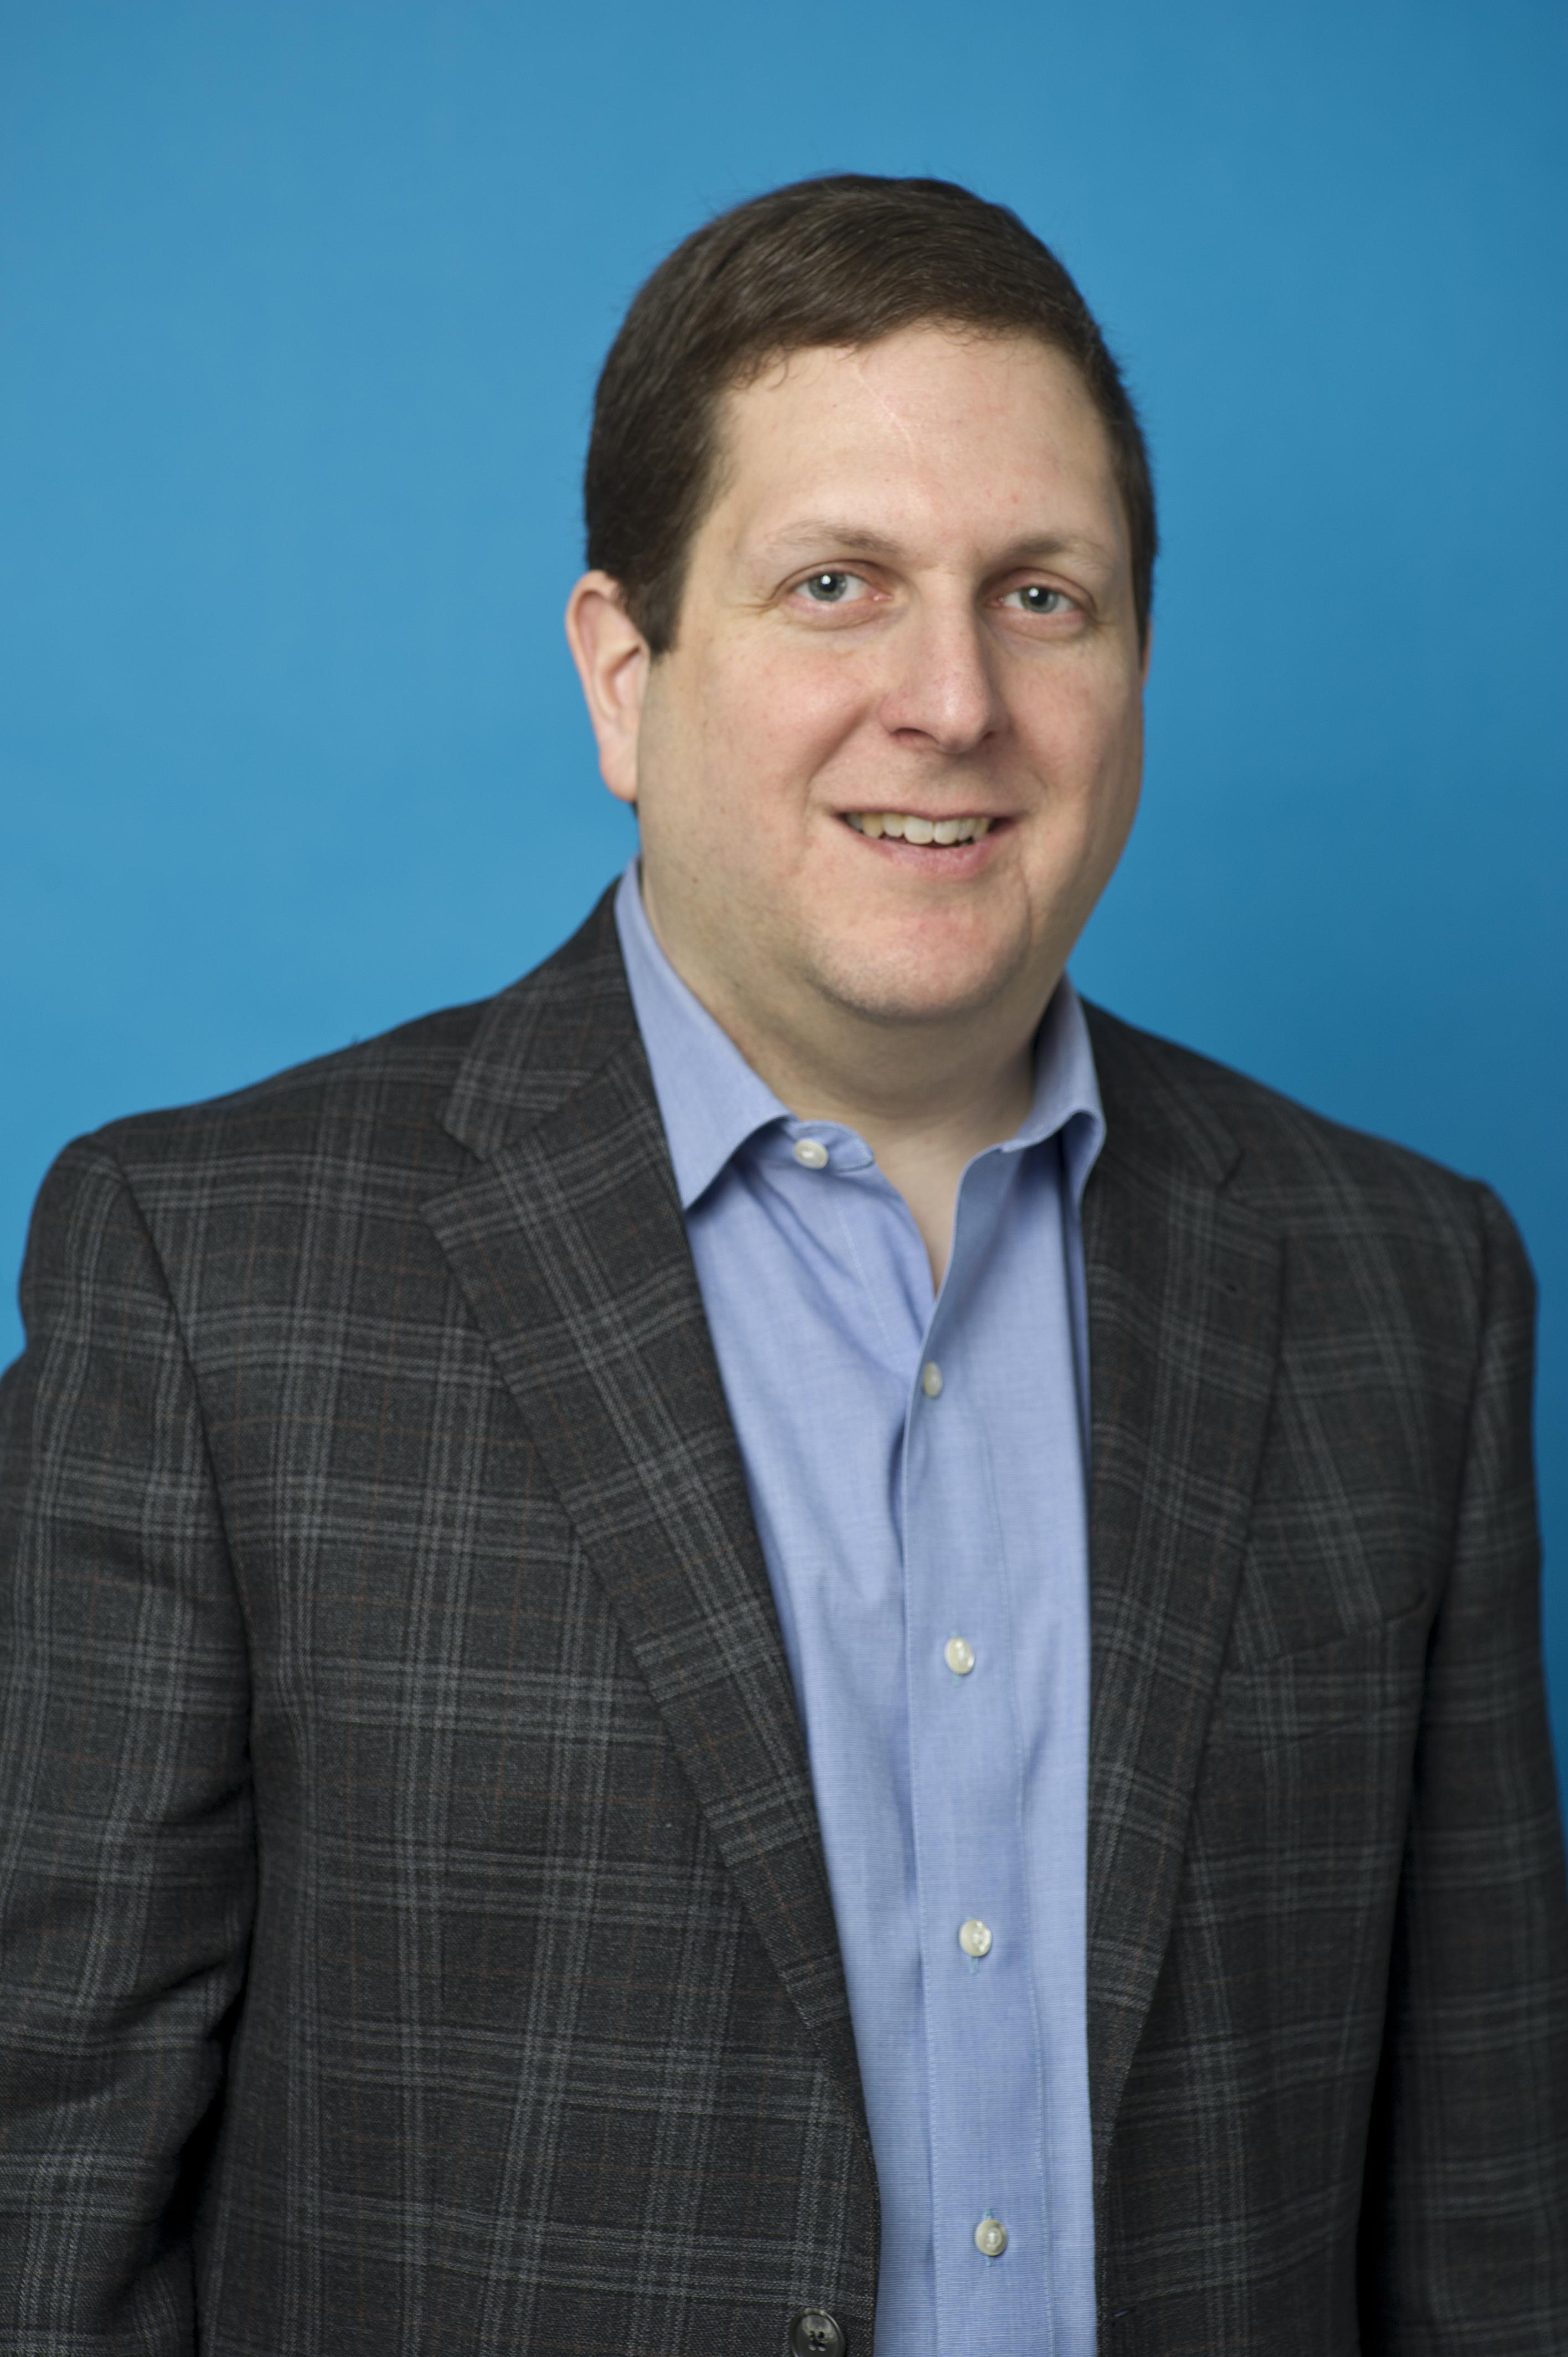 Matt Friedman